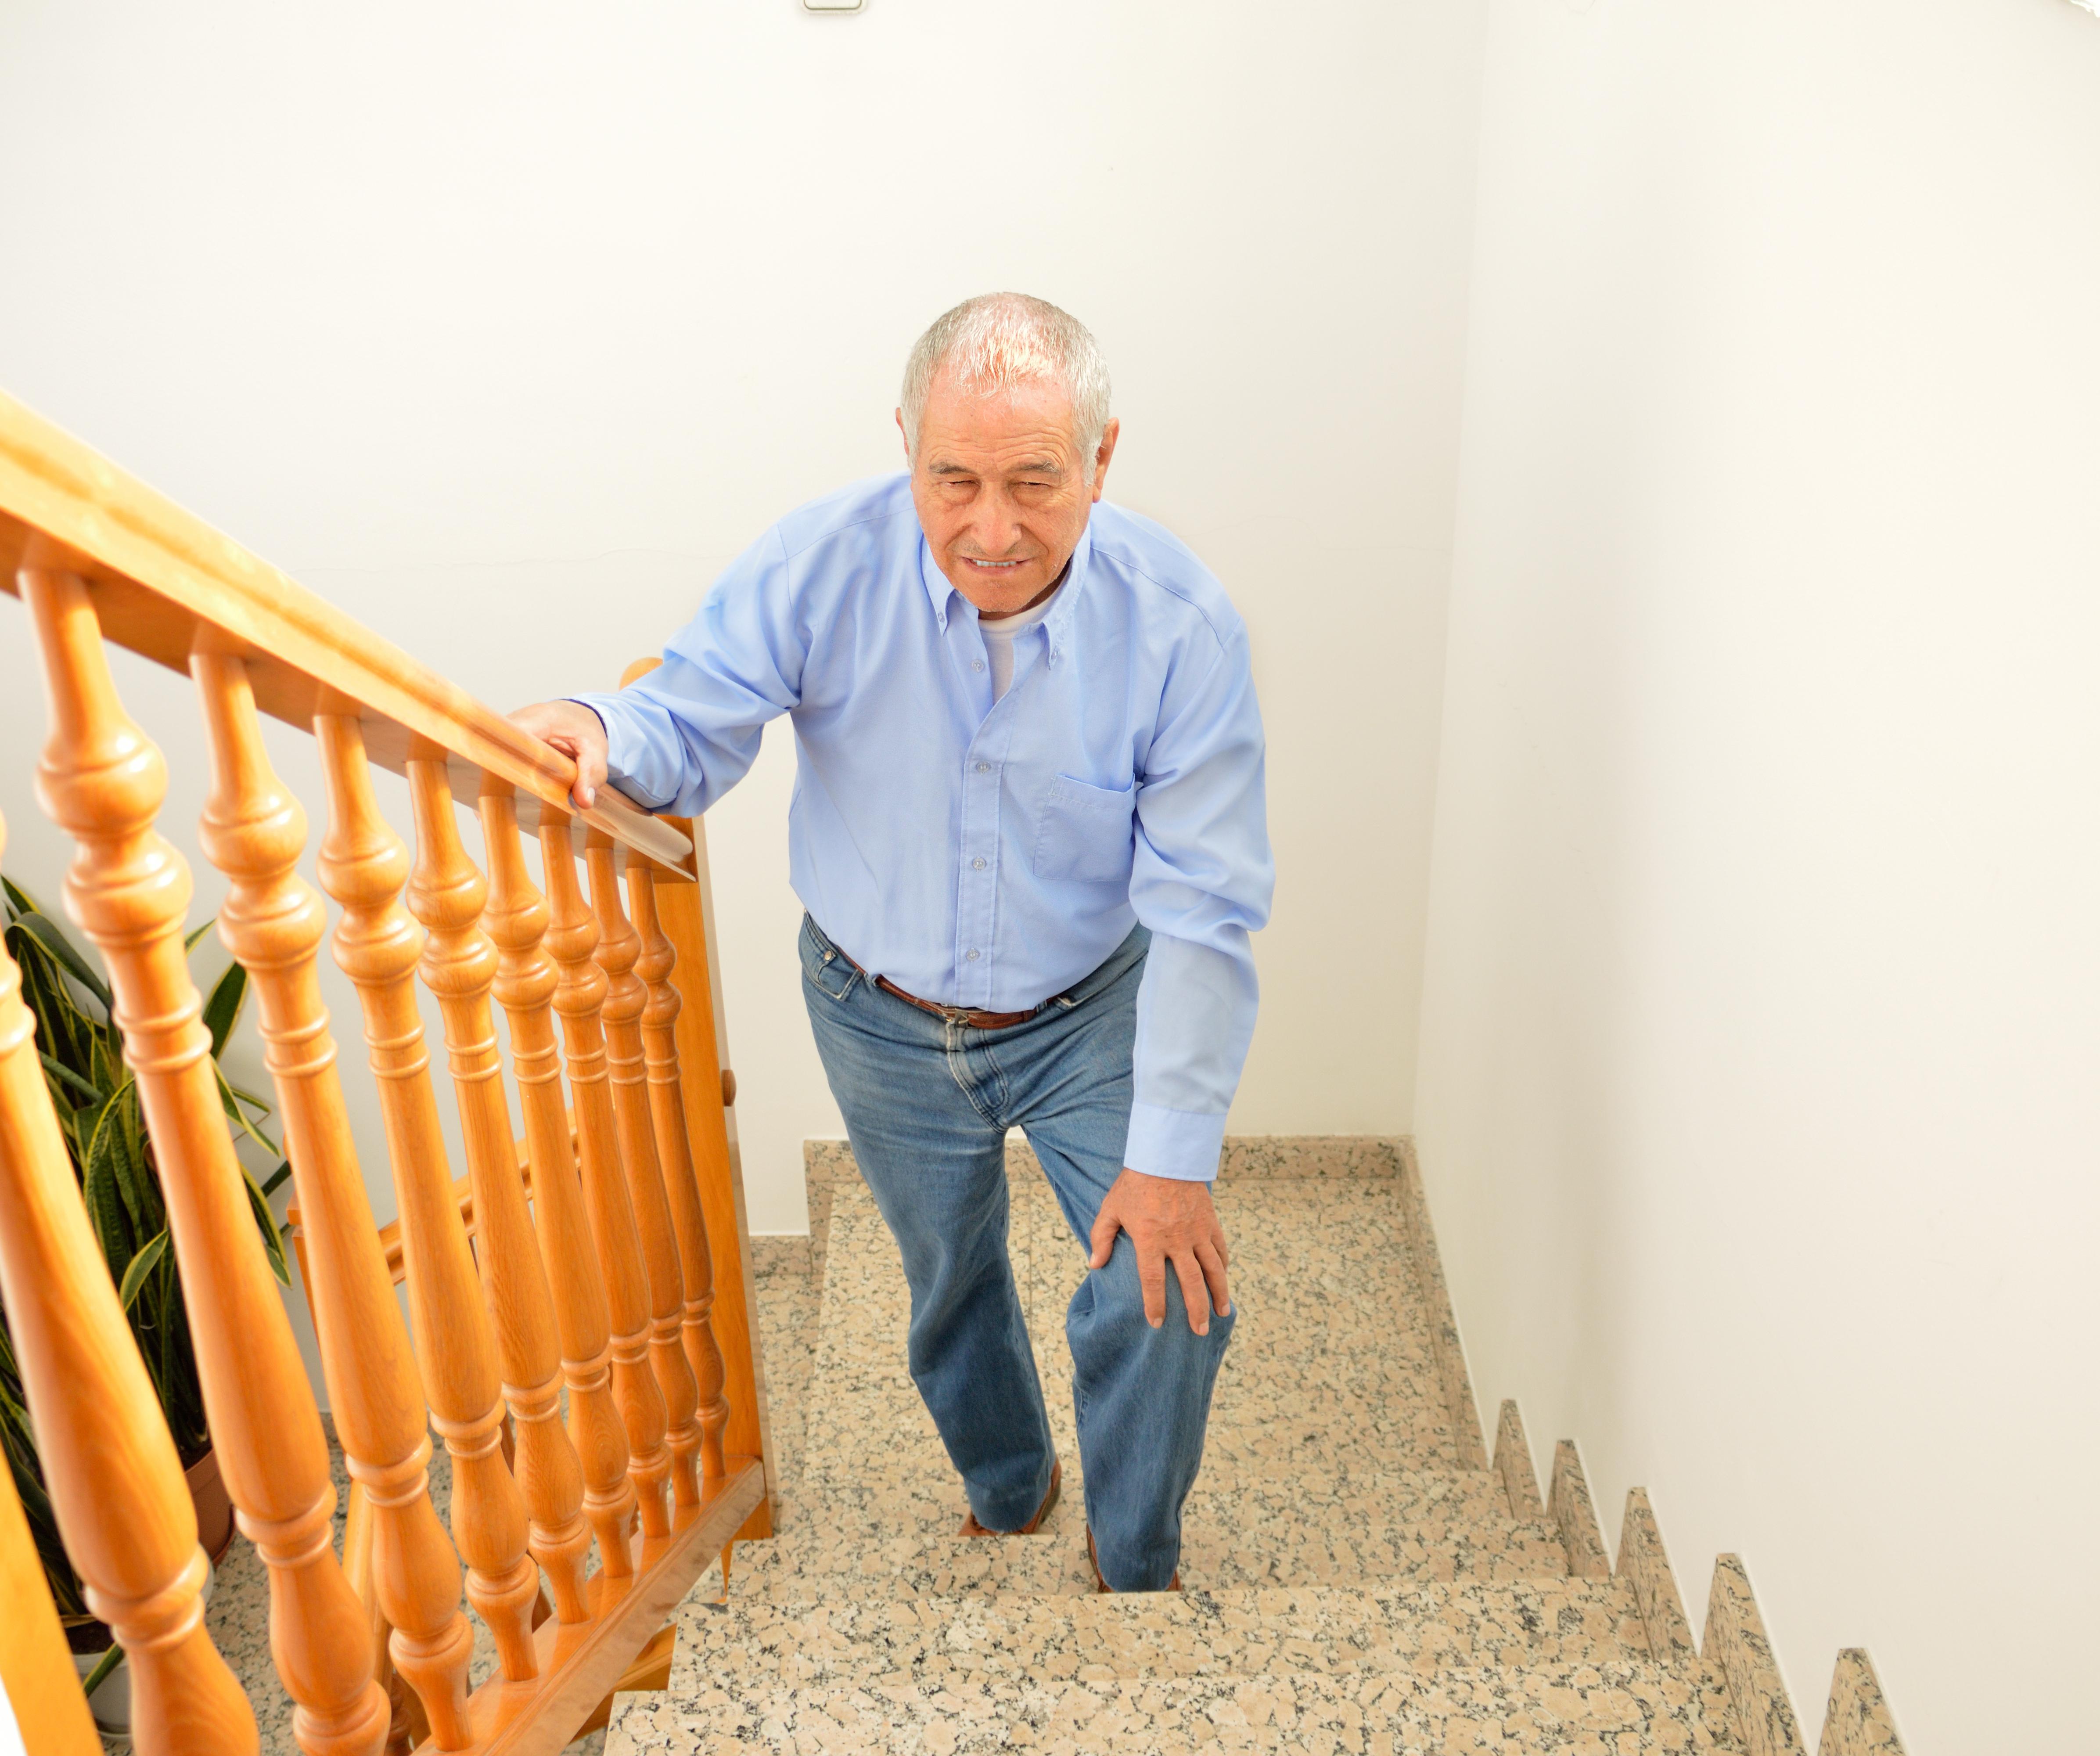 Knäsmärta kan även förekomma när du ägnar dig åt någon form av vardagsaktivitet, som att gå i trappor.